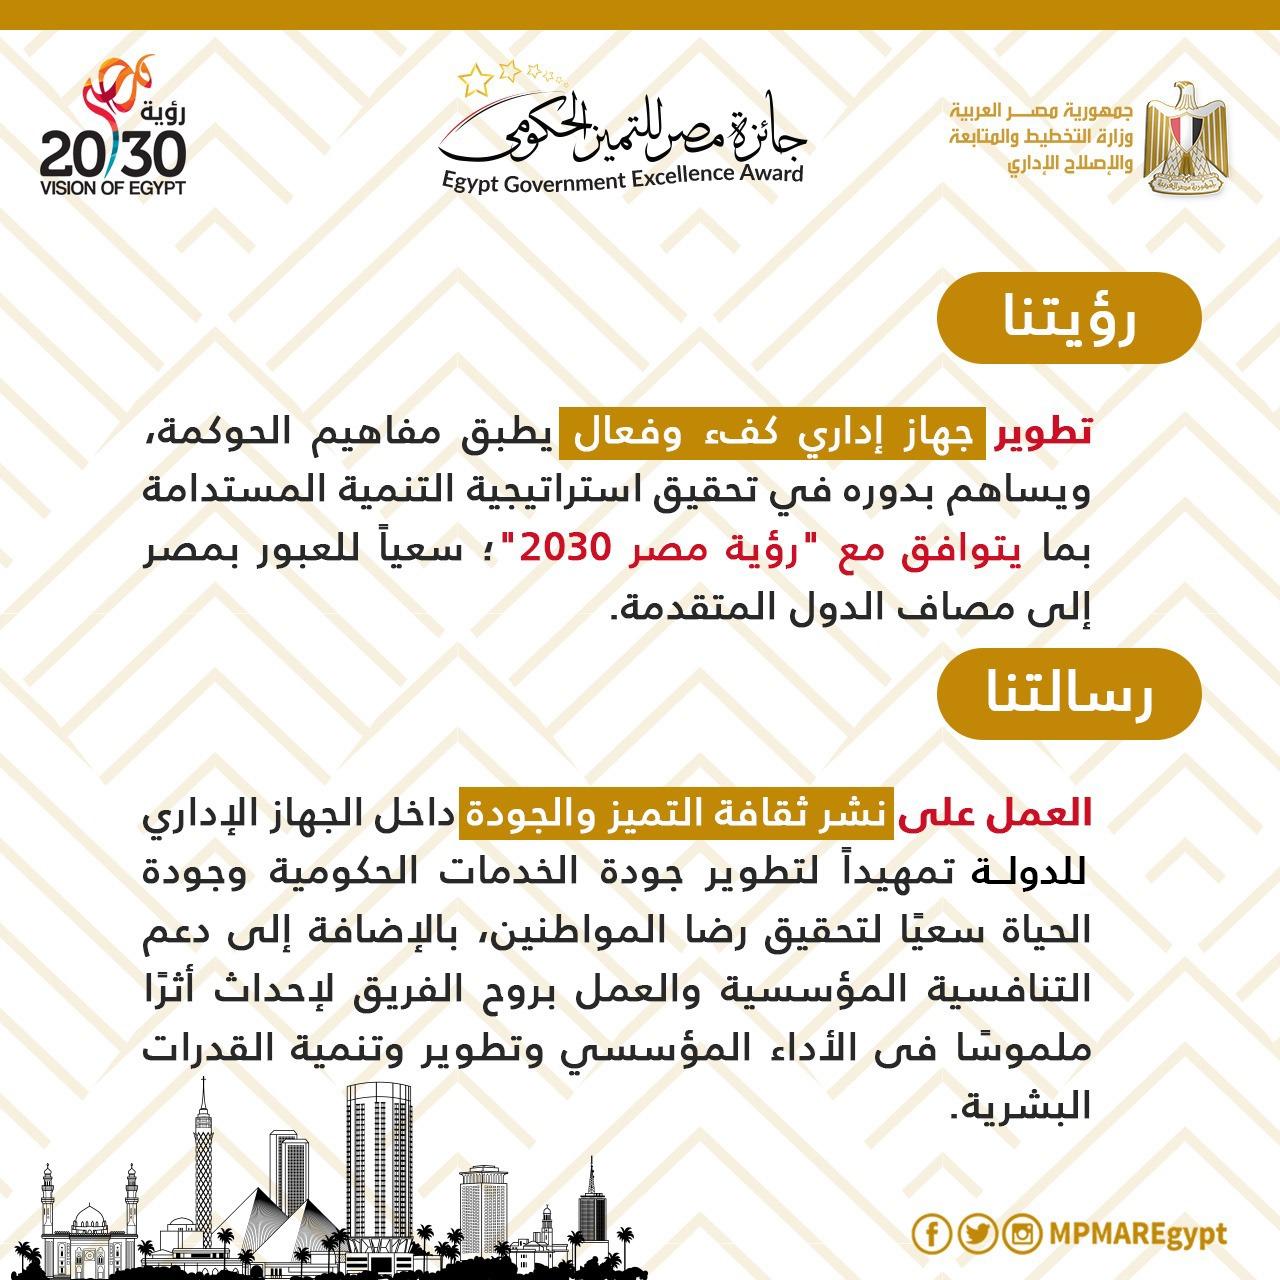 رؤية جائزة مصر للتميز الحكومى